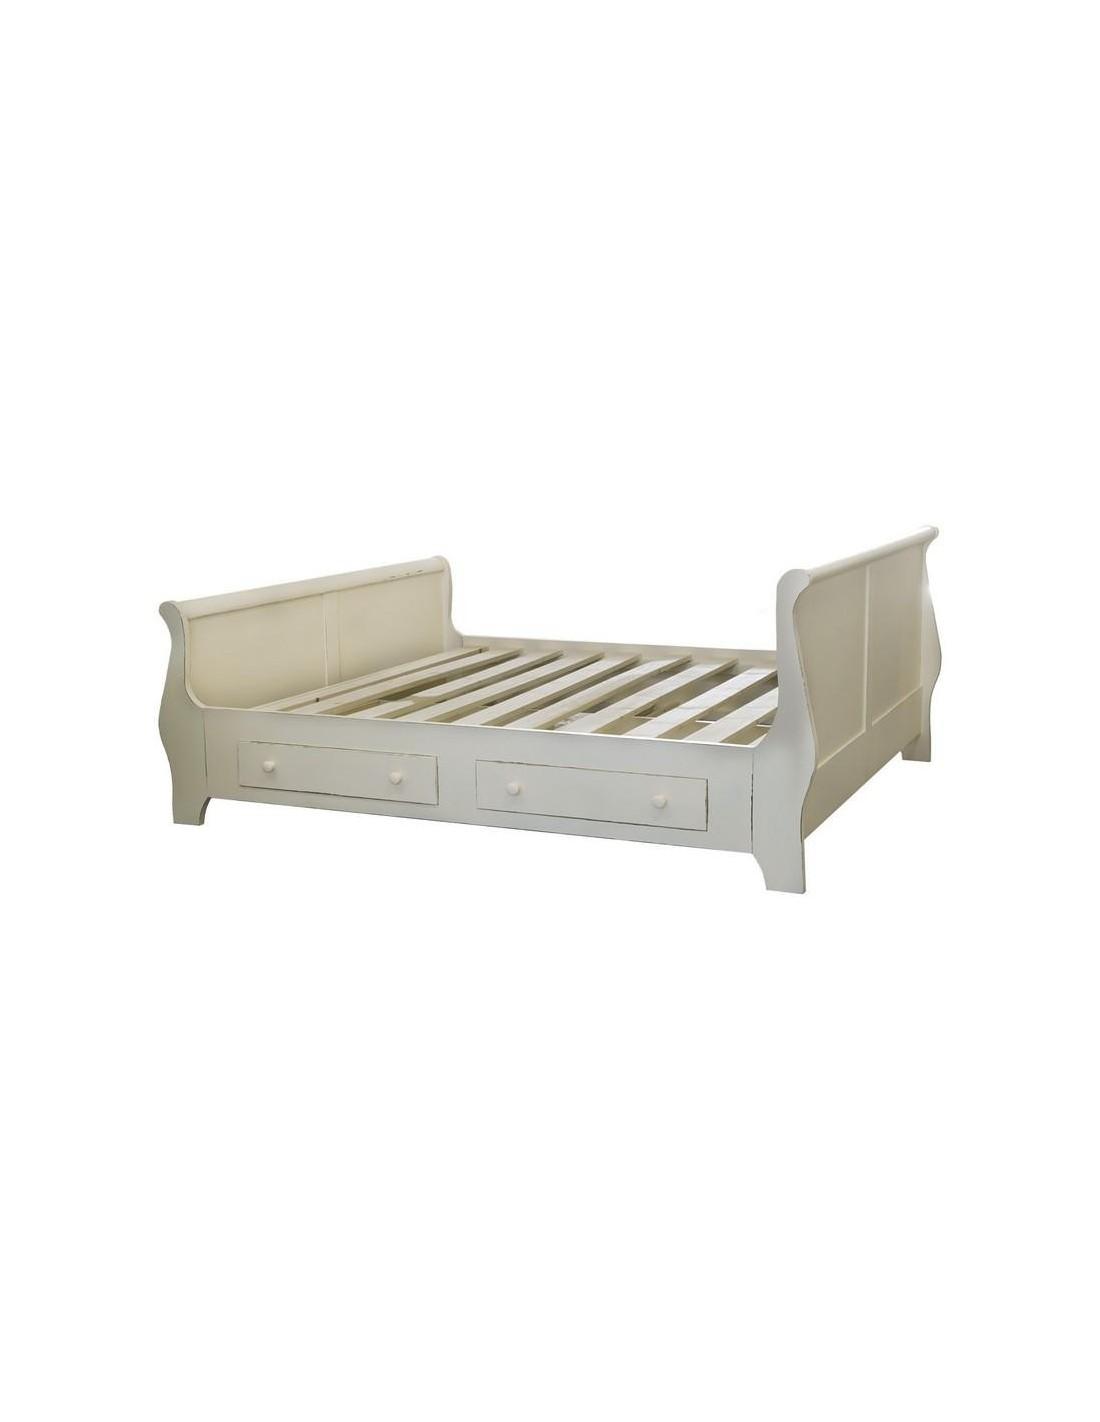 Letto a barca singolo in legno colorato provenzale ms0612d 90200 mobili shabby eu by orissa for Letto singolo con cassetti